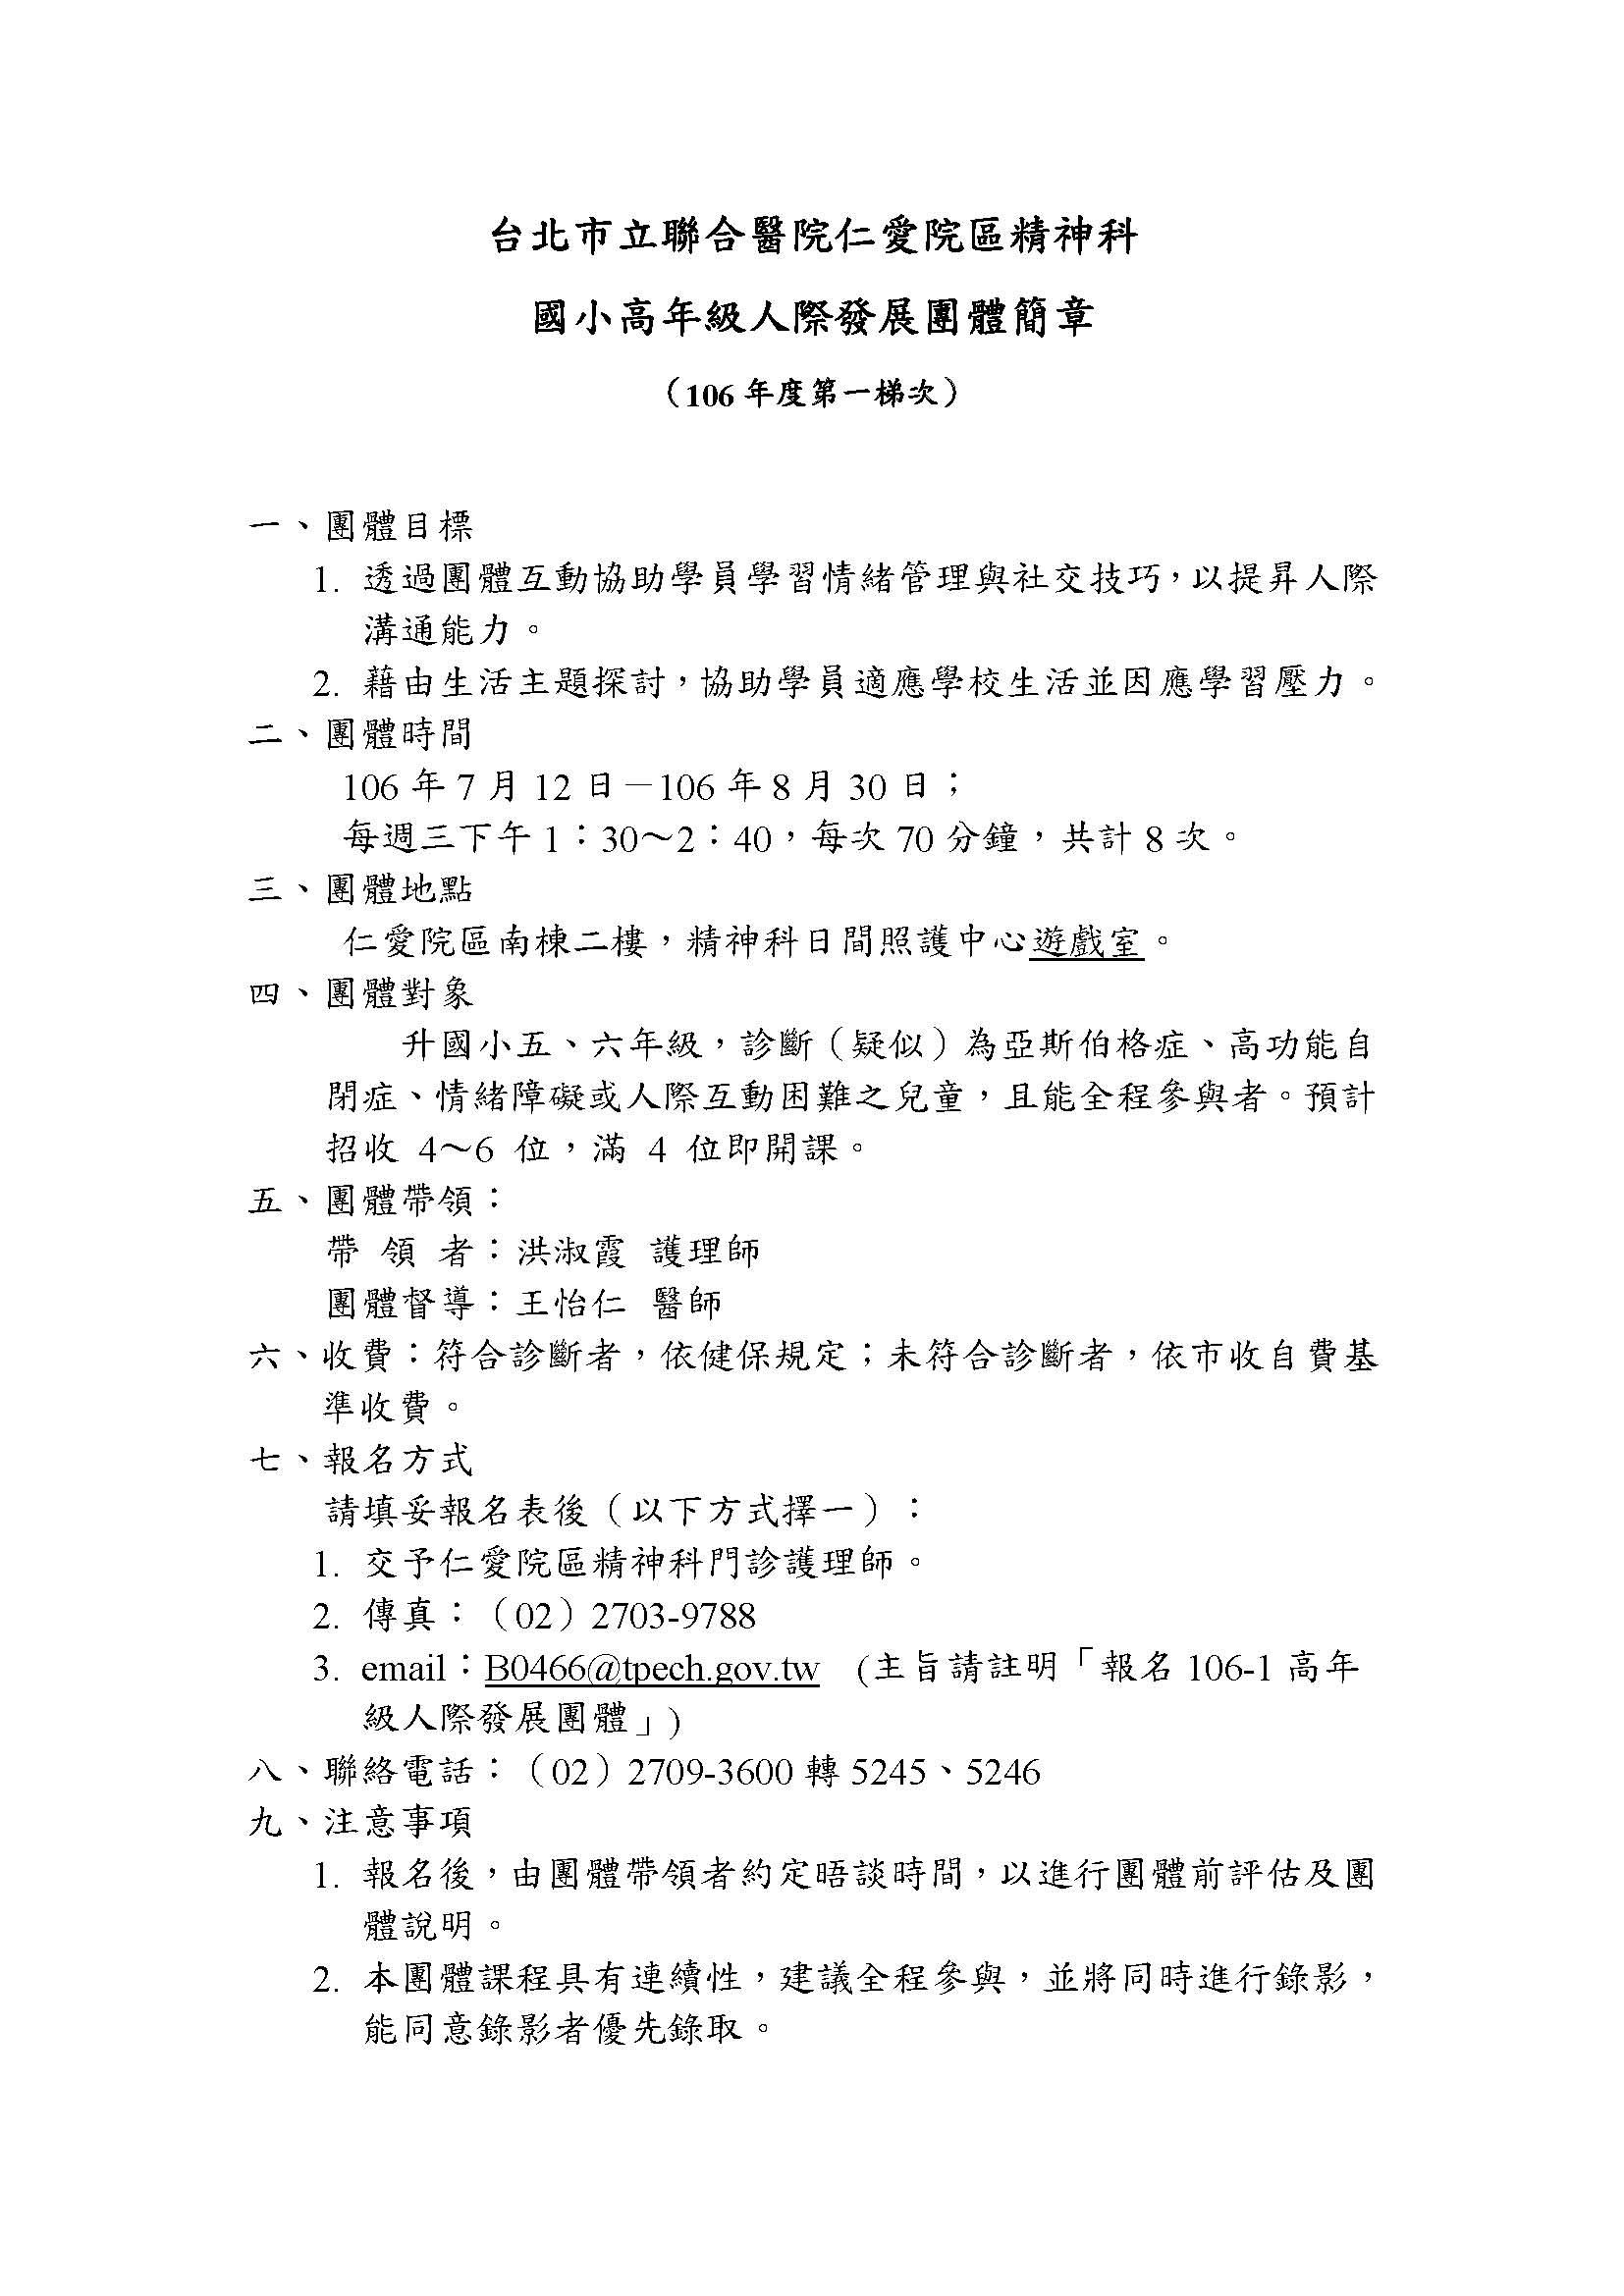 106-1高年級人際發展團體_報名簡章